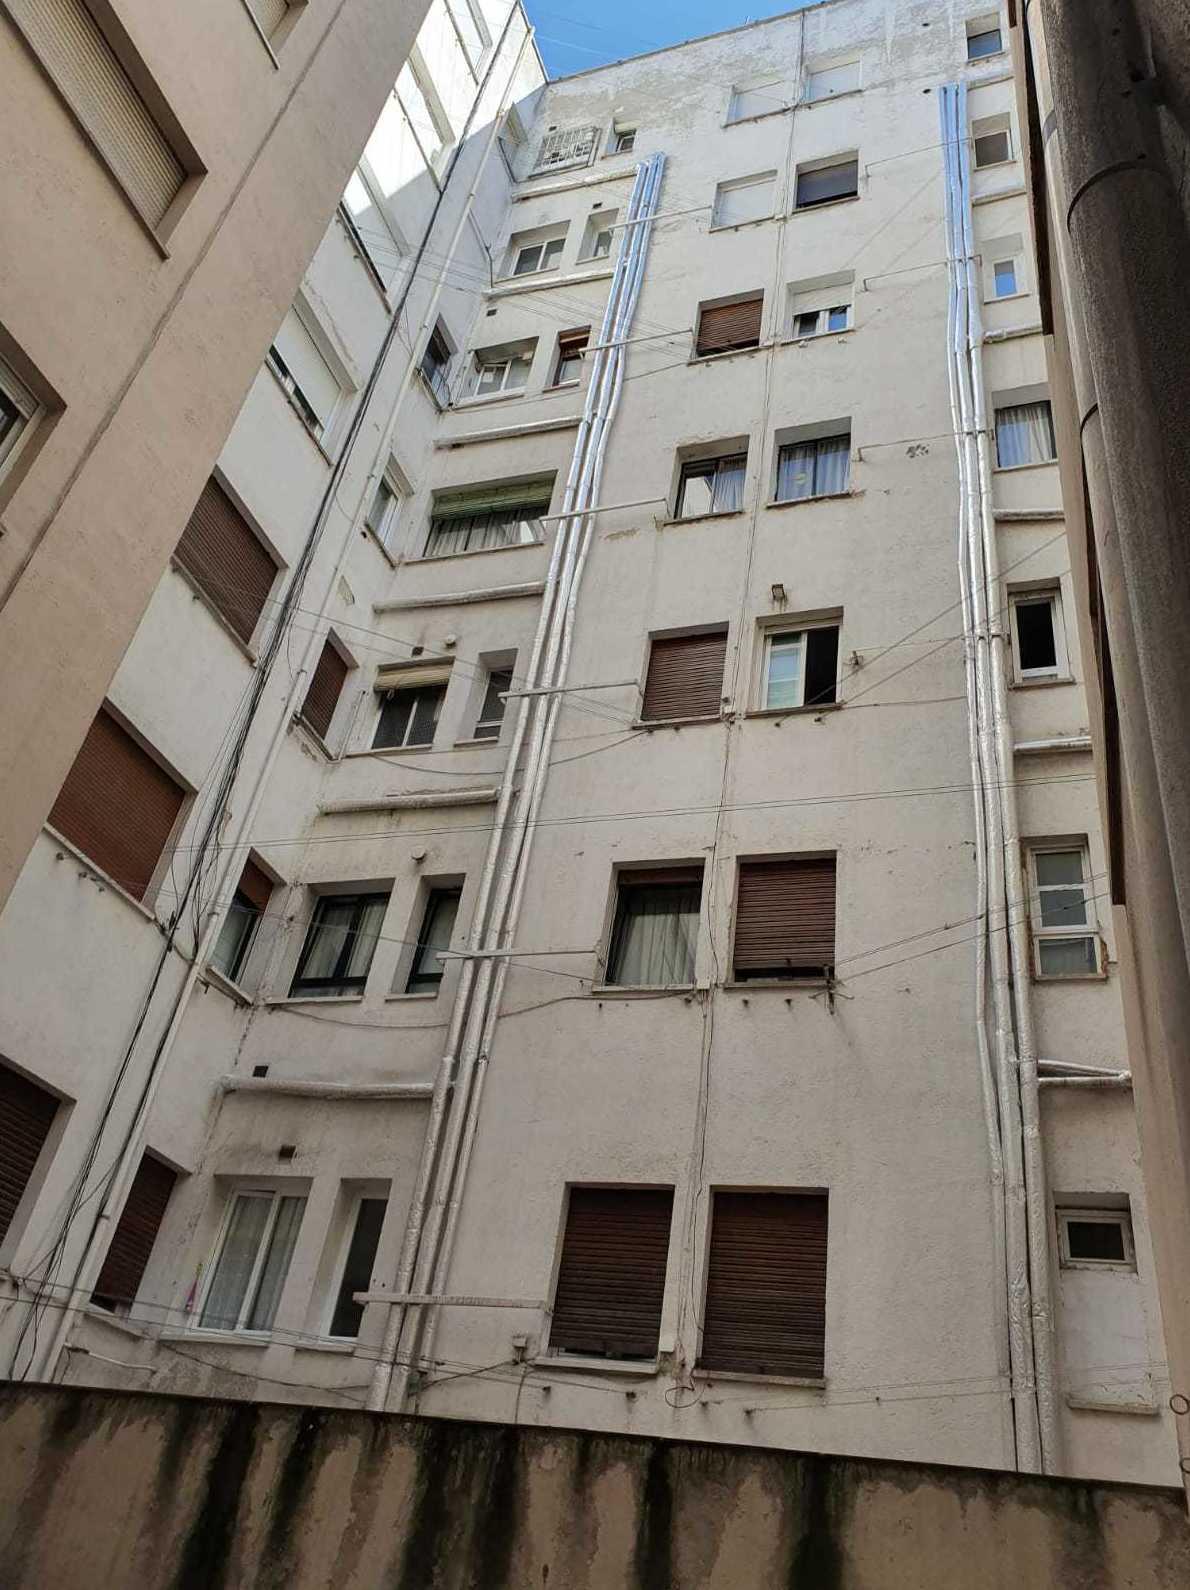 Foto 125 de Trabajos verticales en  | Rehabilitaciones y Verticales Vera, S.L.